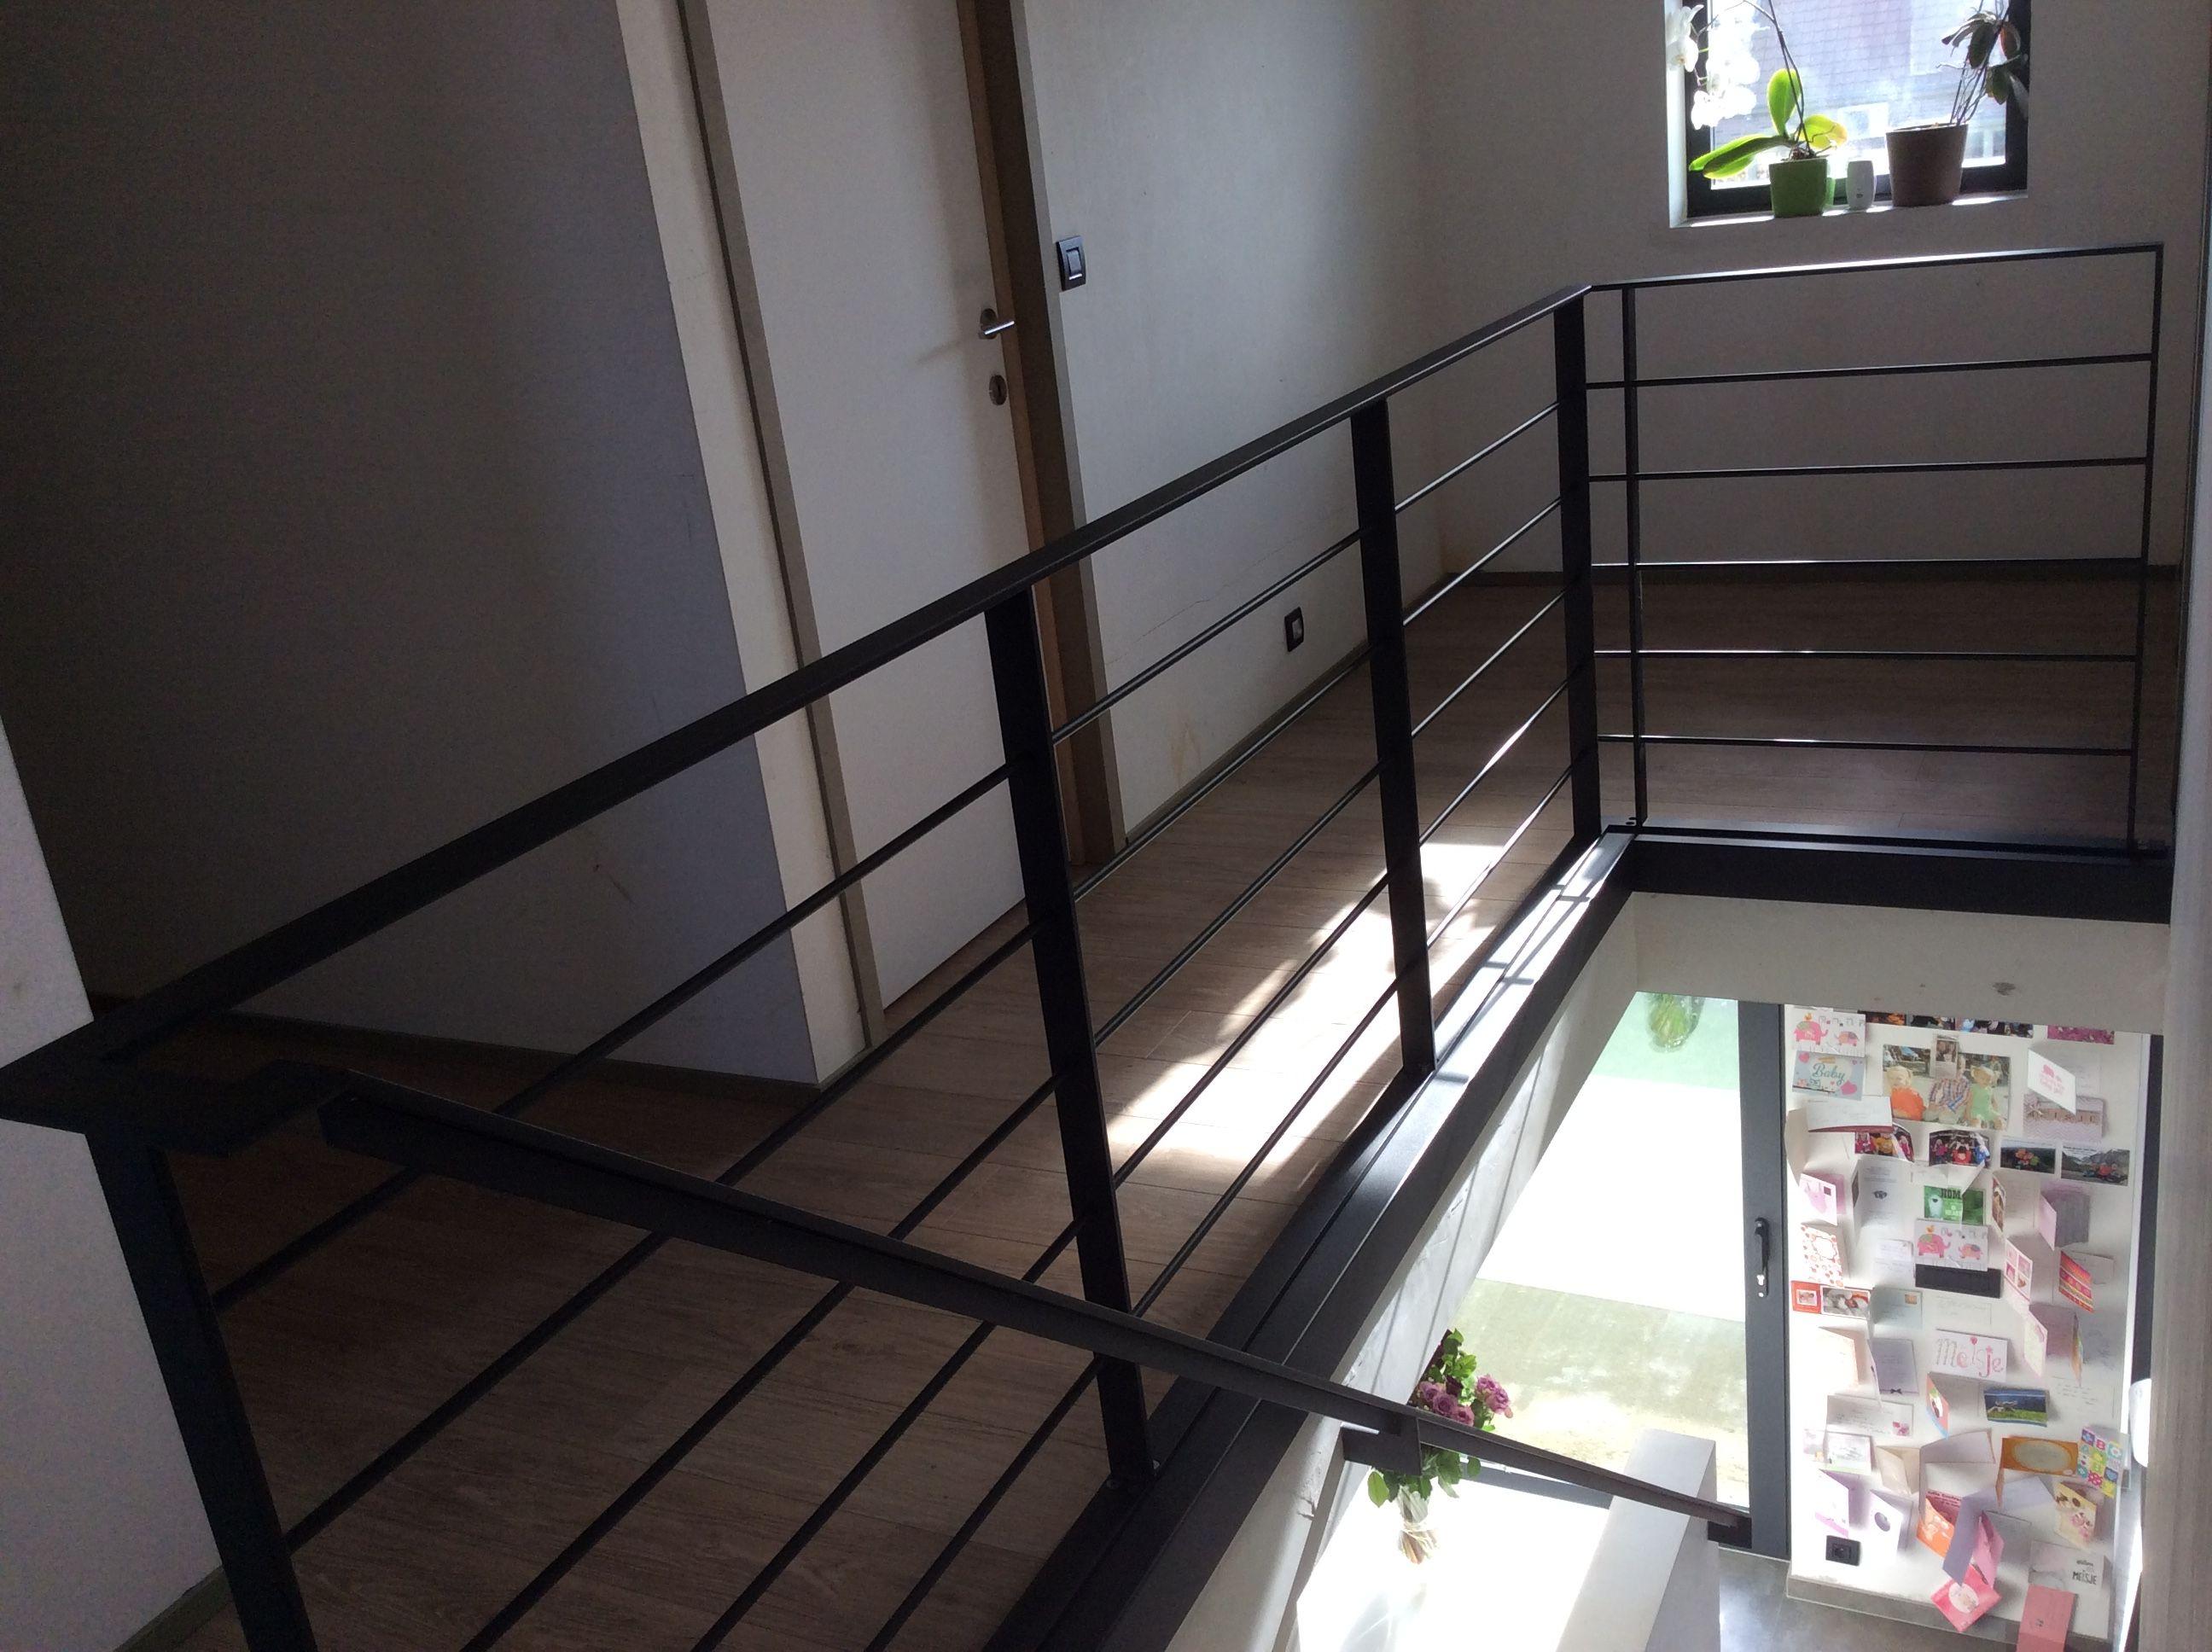 Metalen trap zaagmodel in zwartgrijze textuurlak met eikenhouten treden met onzichtbare - Railing trap ontwerp ...